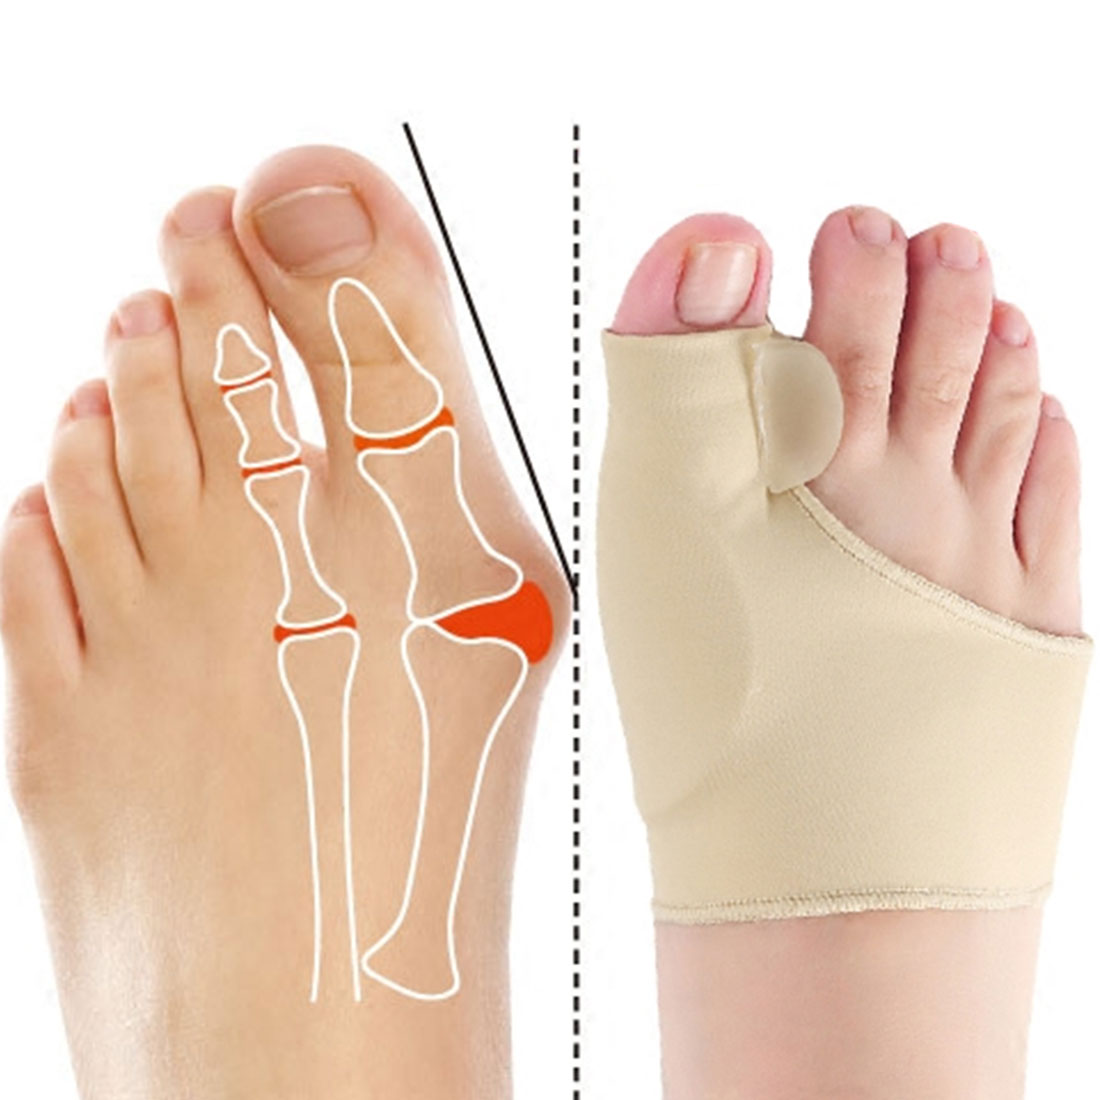 2 шт. = 1 пара корректор ортопедический Уход за ногами коррекция большого пальца кости мягкие носки для педикюра Выпрямитель для ног